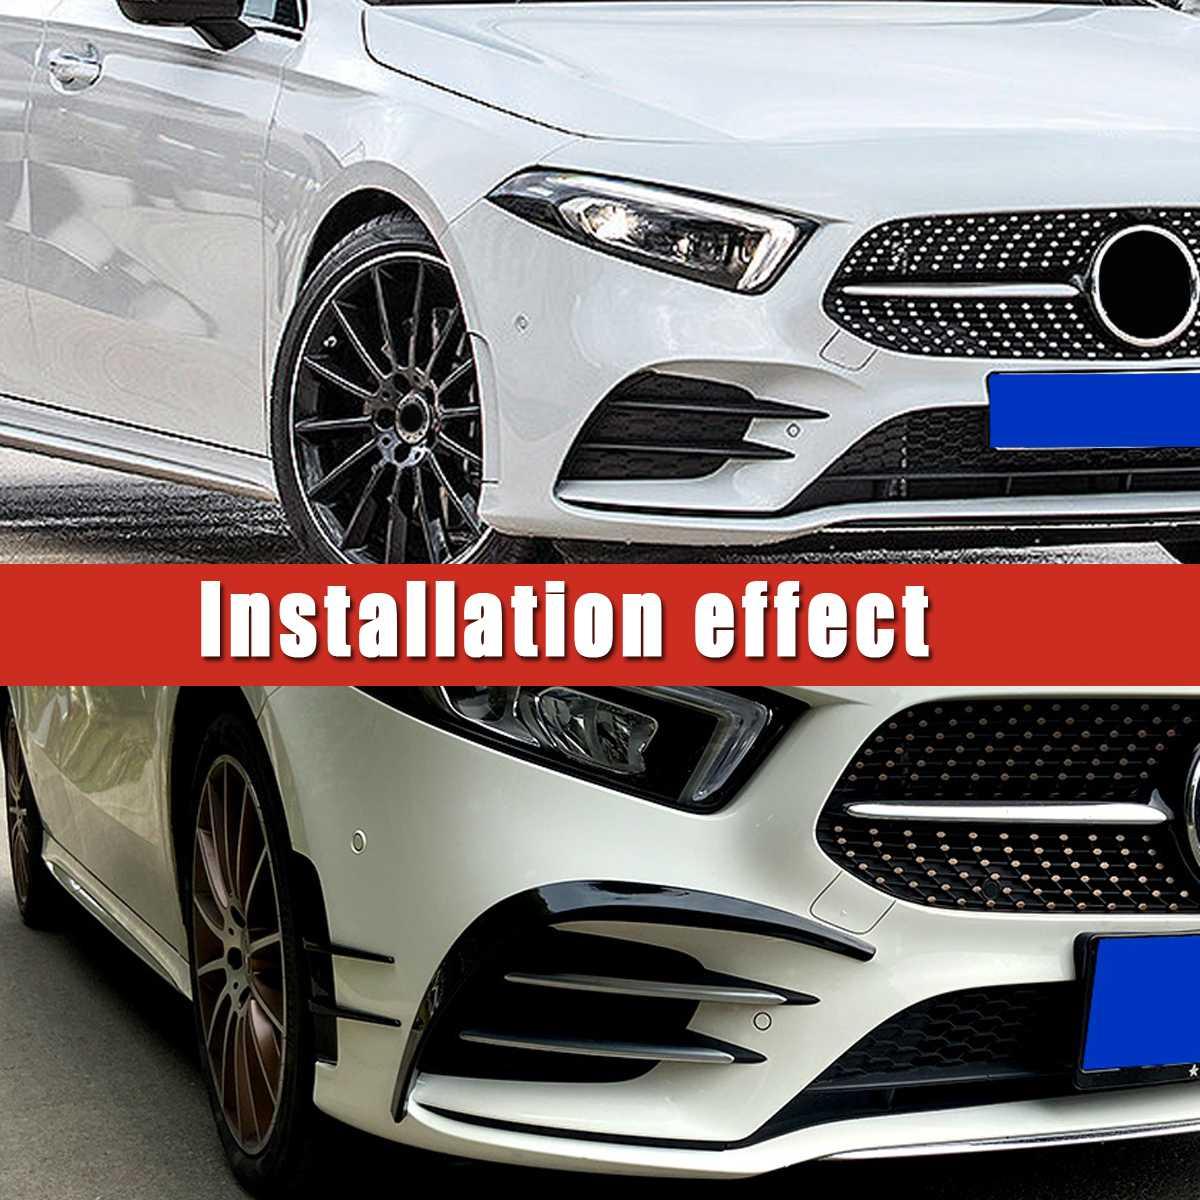 Canard  Canards Spoiler Splitter For Mercedes-Benz A Class W177 A200 A220 Sedan